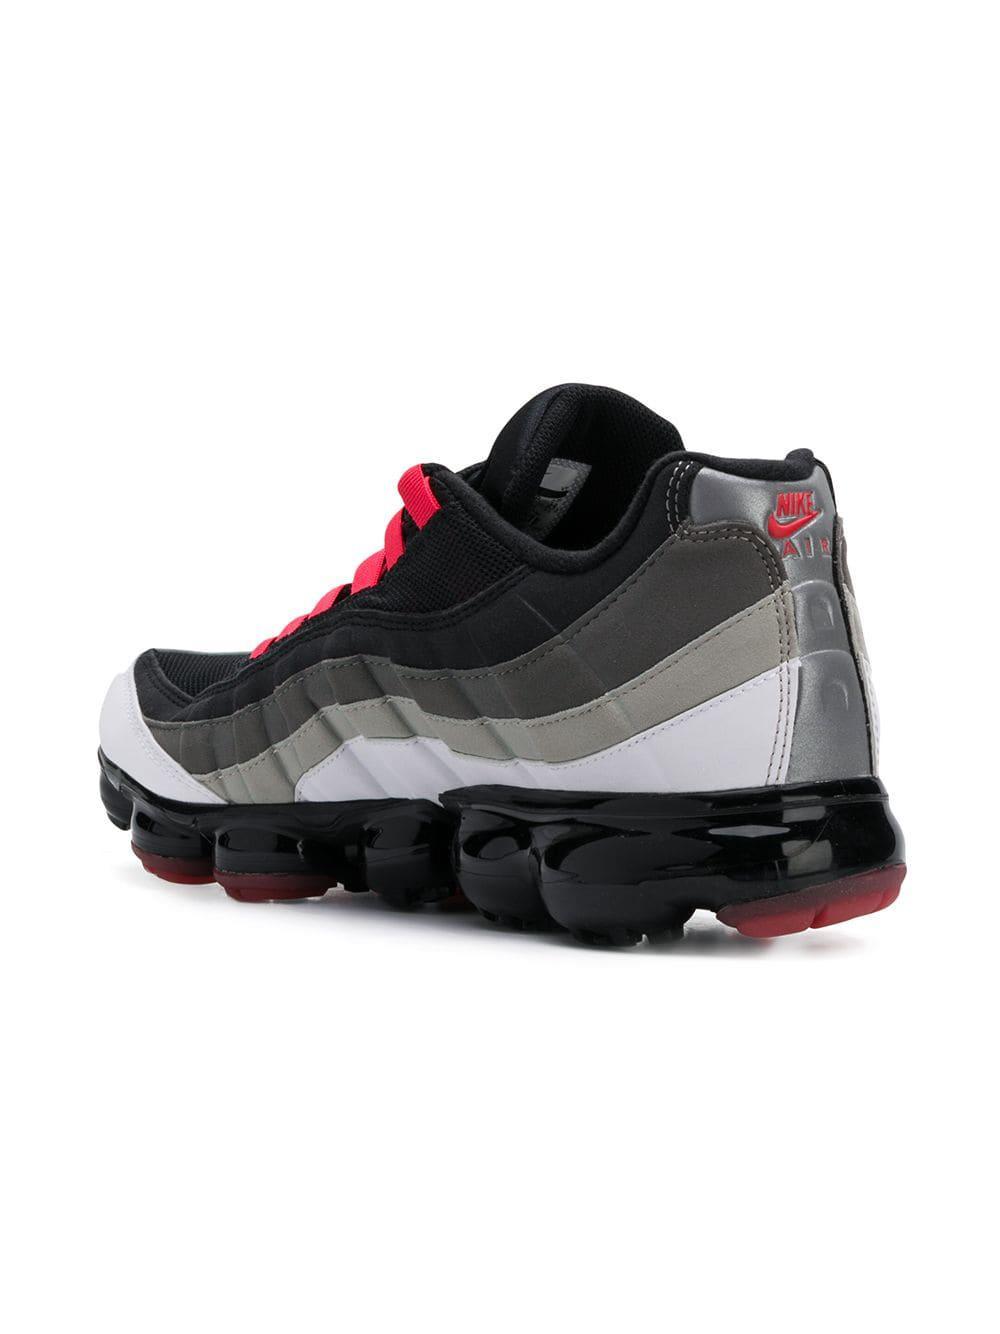 1c214eafba1351 Nike - Black Air Vapormax Sneakers for Men - Lyst. View fullscreen